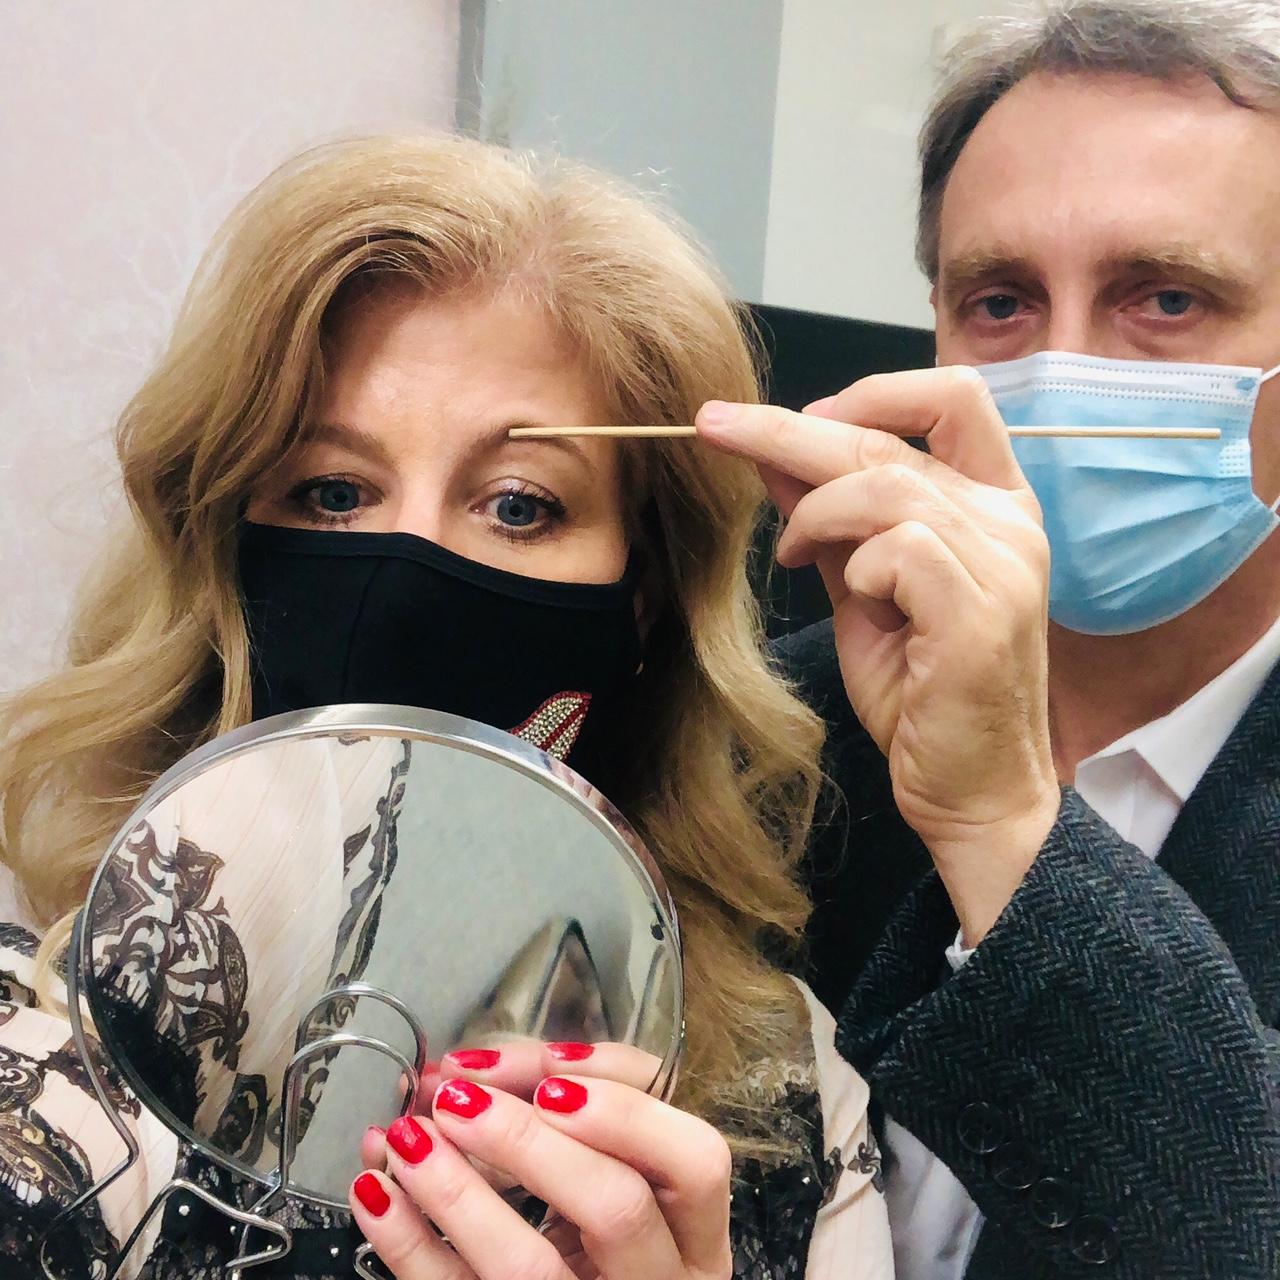 dr.boros lászló, boros lászló, szemhéjplasztika, szemhéjkorrekció, szemhéjfelvarrás, plasztikai, plasztikai sebész, rúzs és más, beavatkozás, szépészeti, szemhéjplasztika mindenkinek, lógó szemhéj, arcfiatalítás